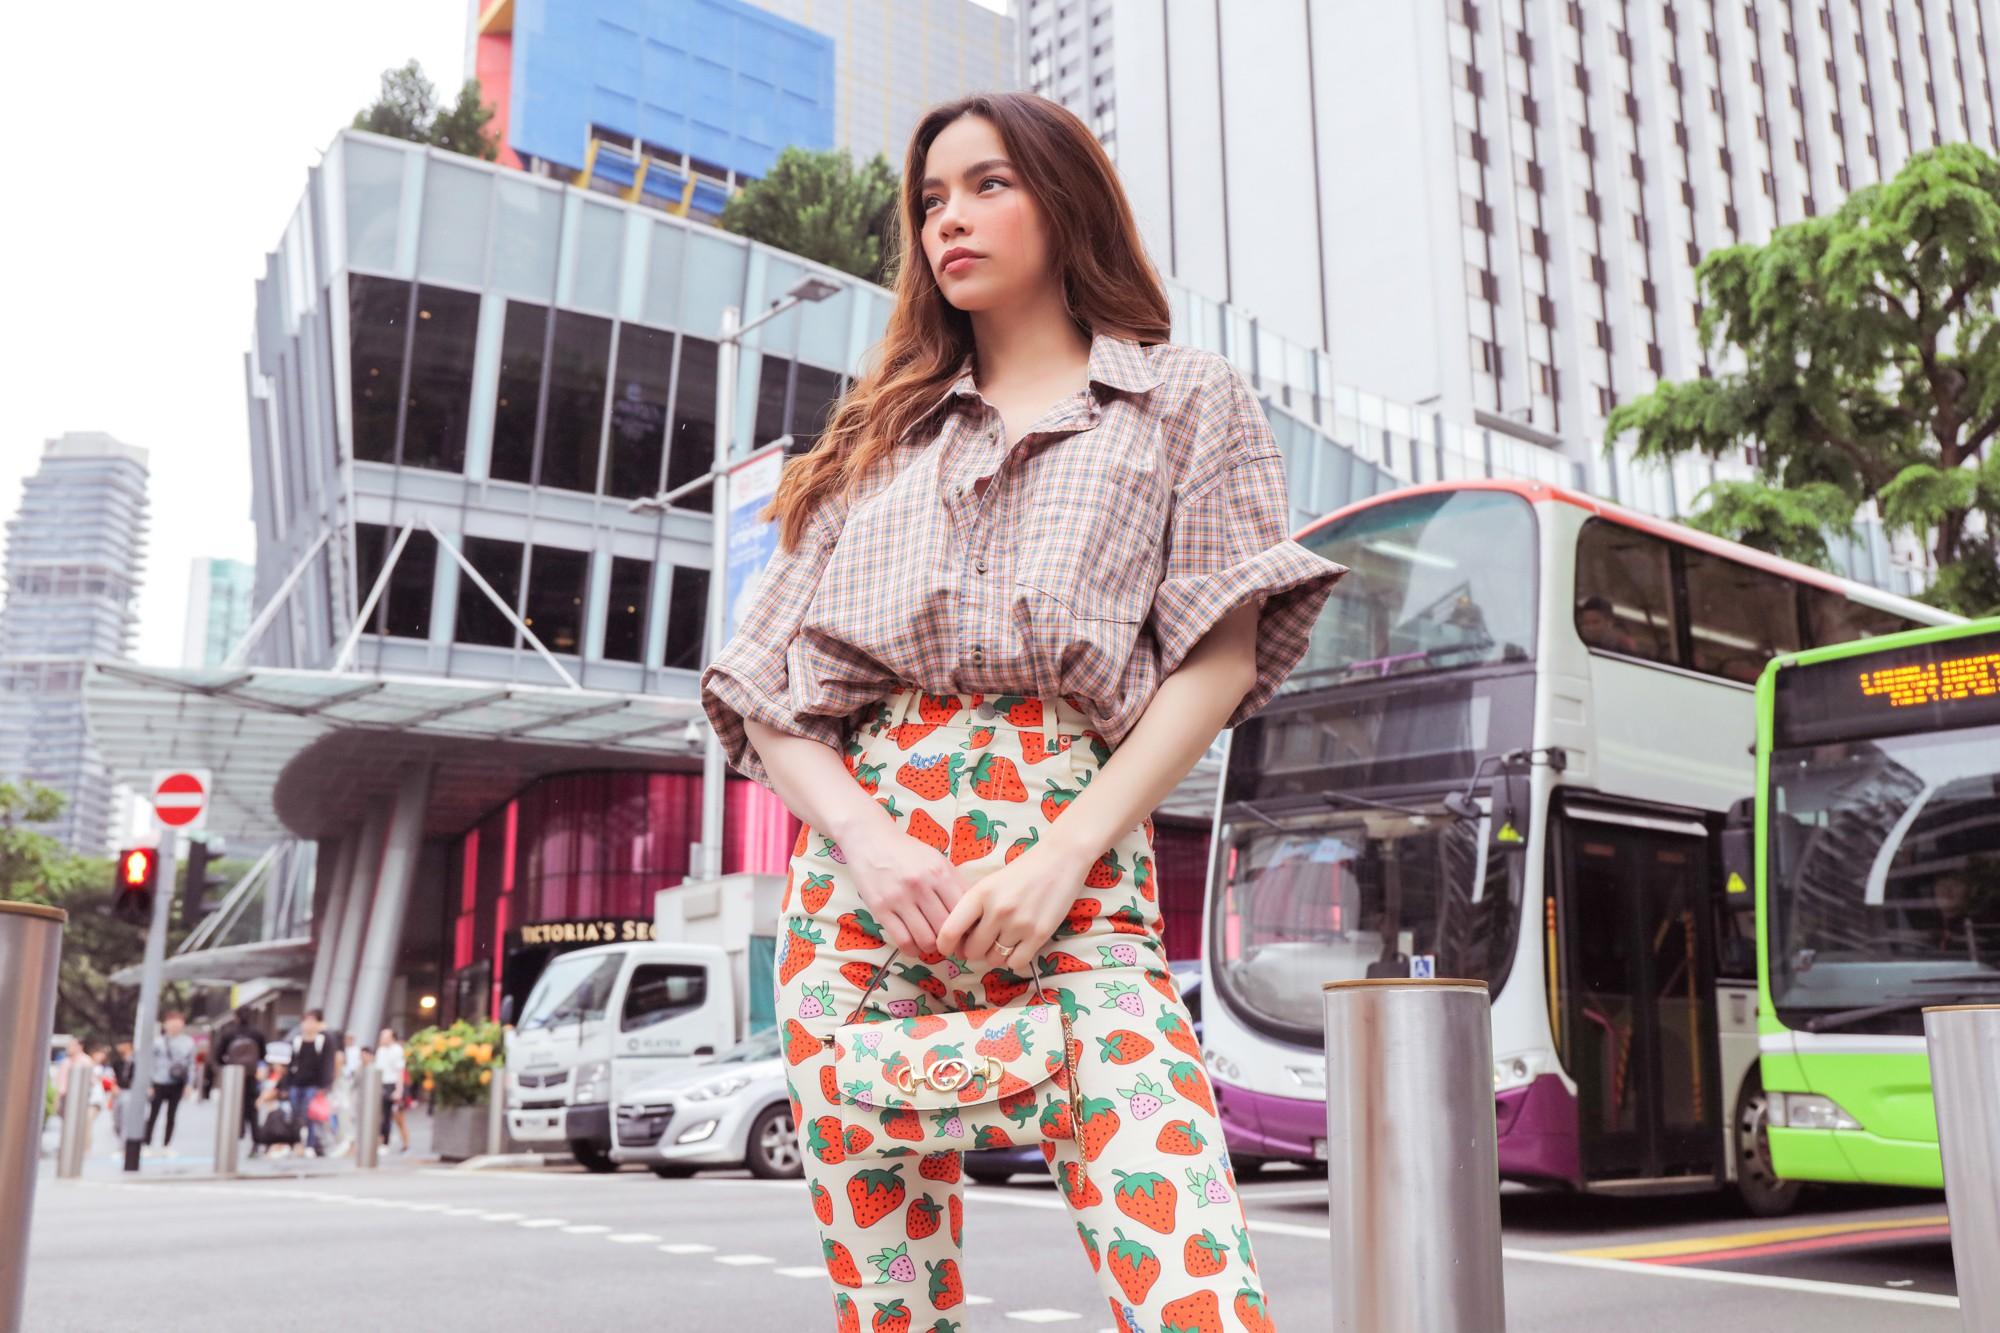 Hồ Ngọc Hà gây chú ý trên đường phố Singapore nhờ street style nổi bật   - Ảnh 1.